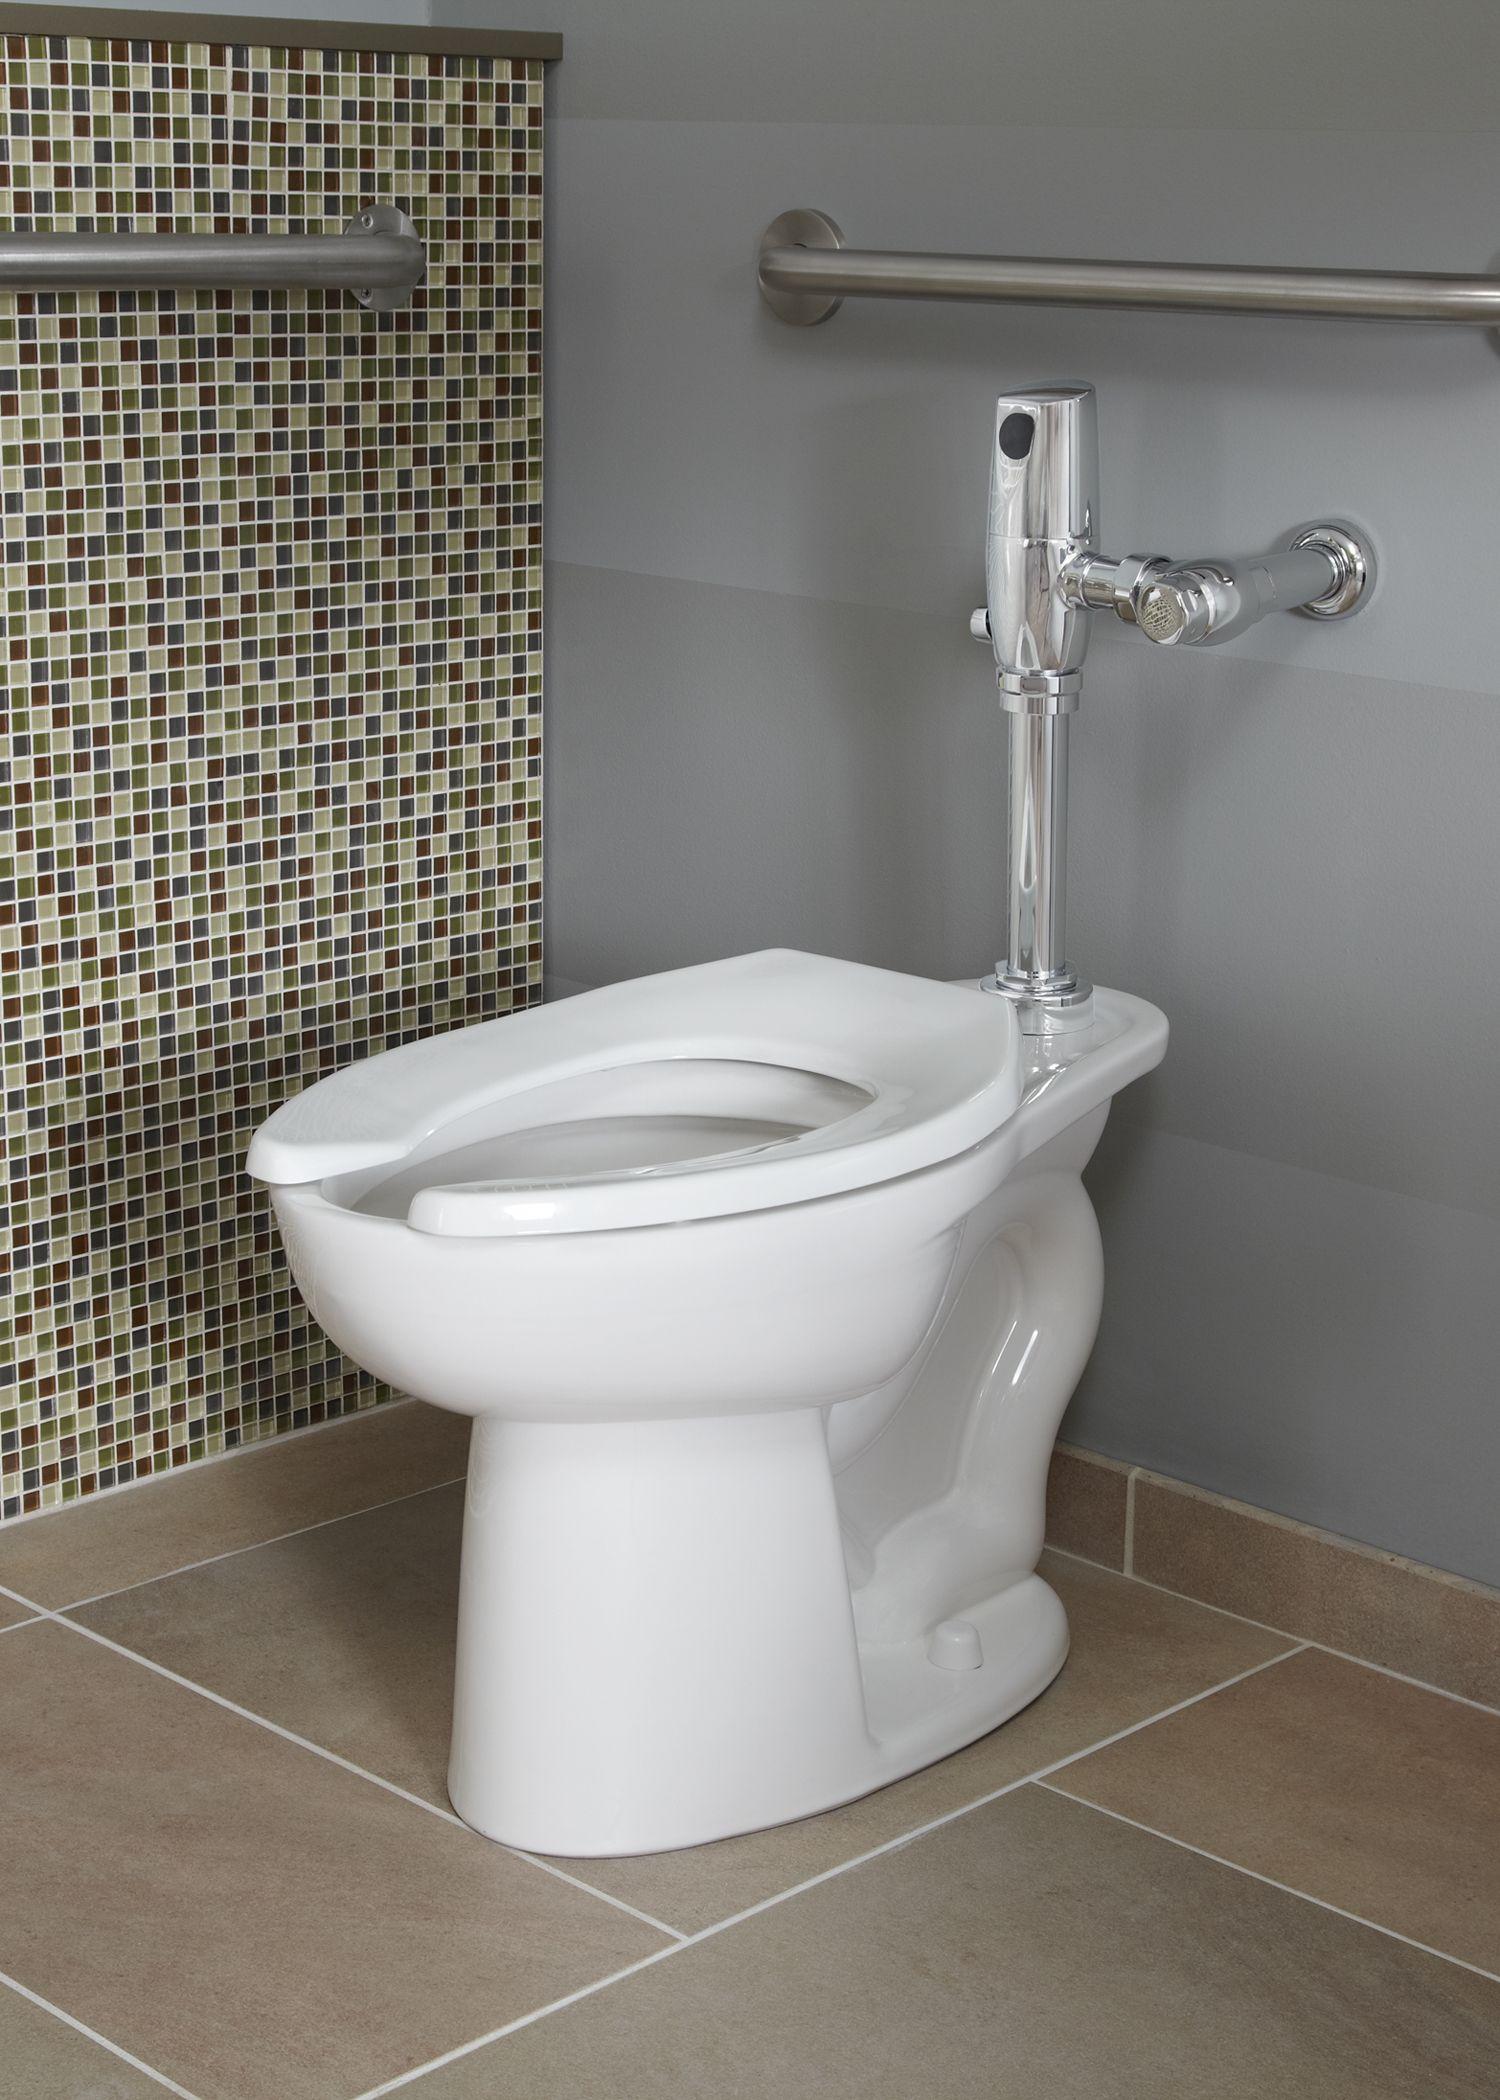 commercial bathroom designs bathroom color bathroom designs bathroom - Commercial Bathroom Accessories